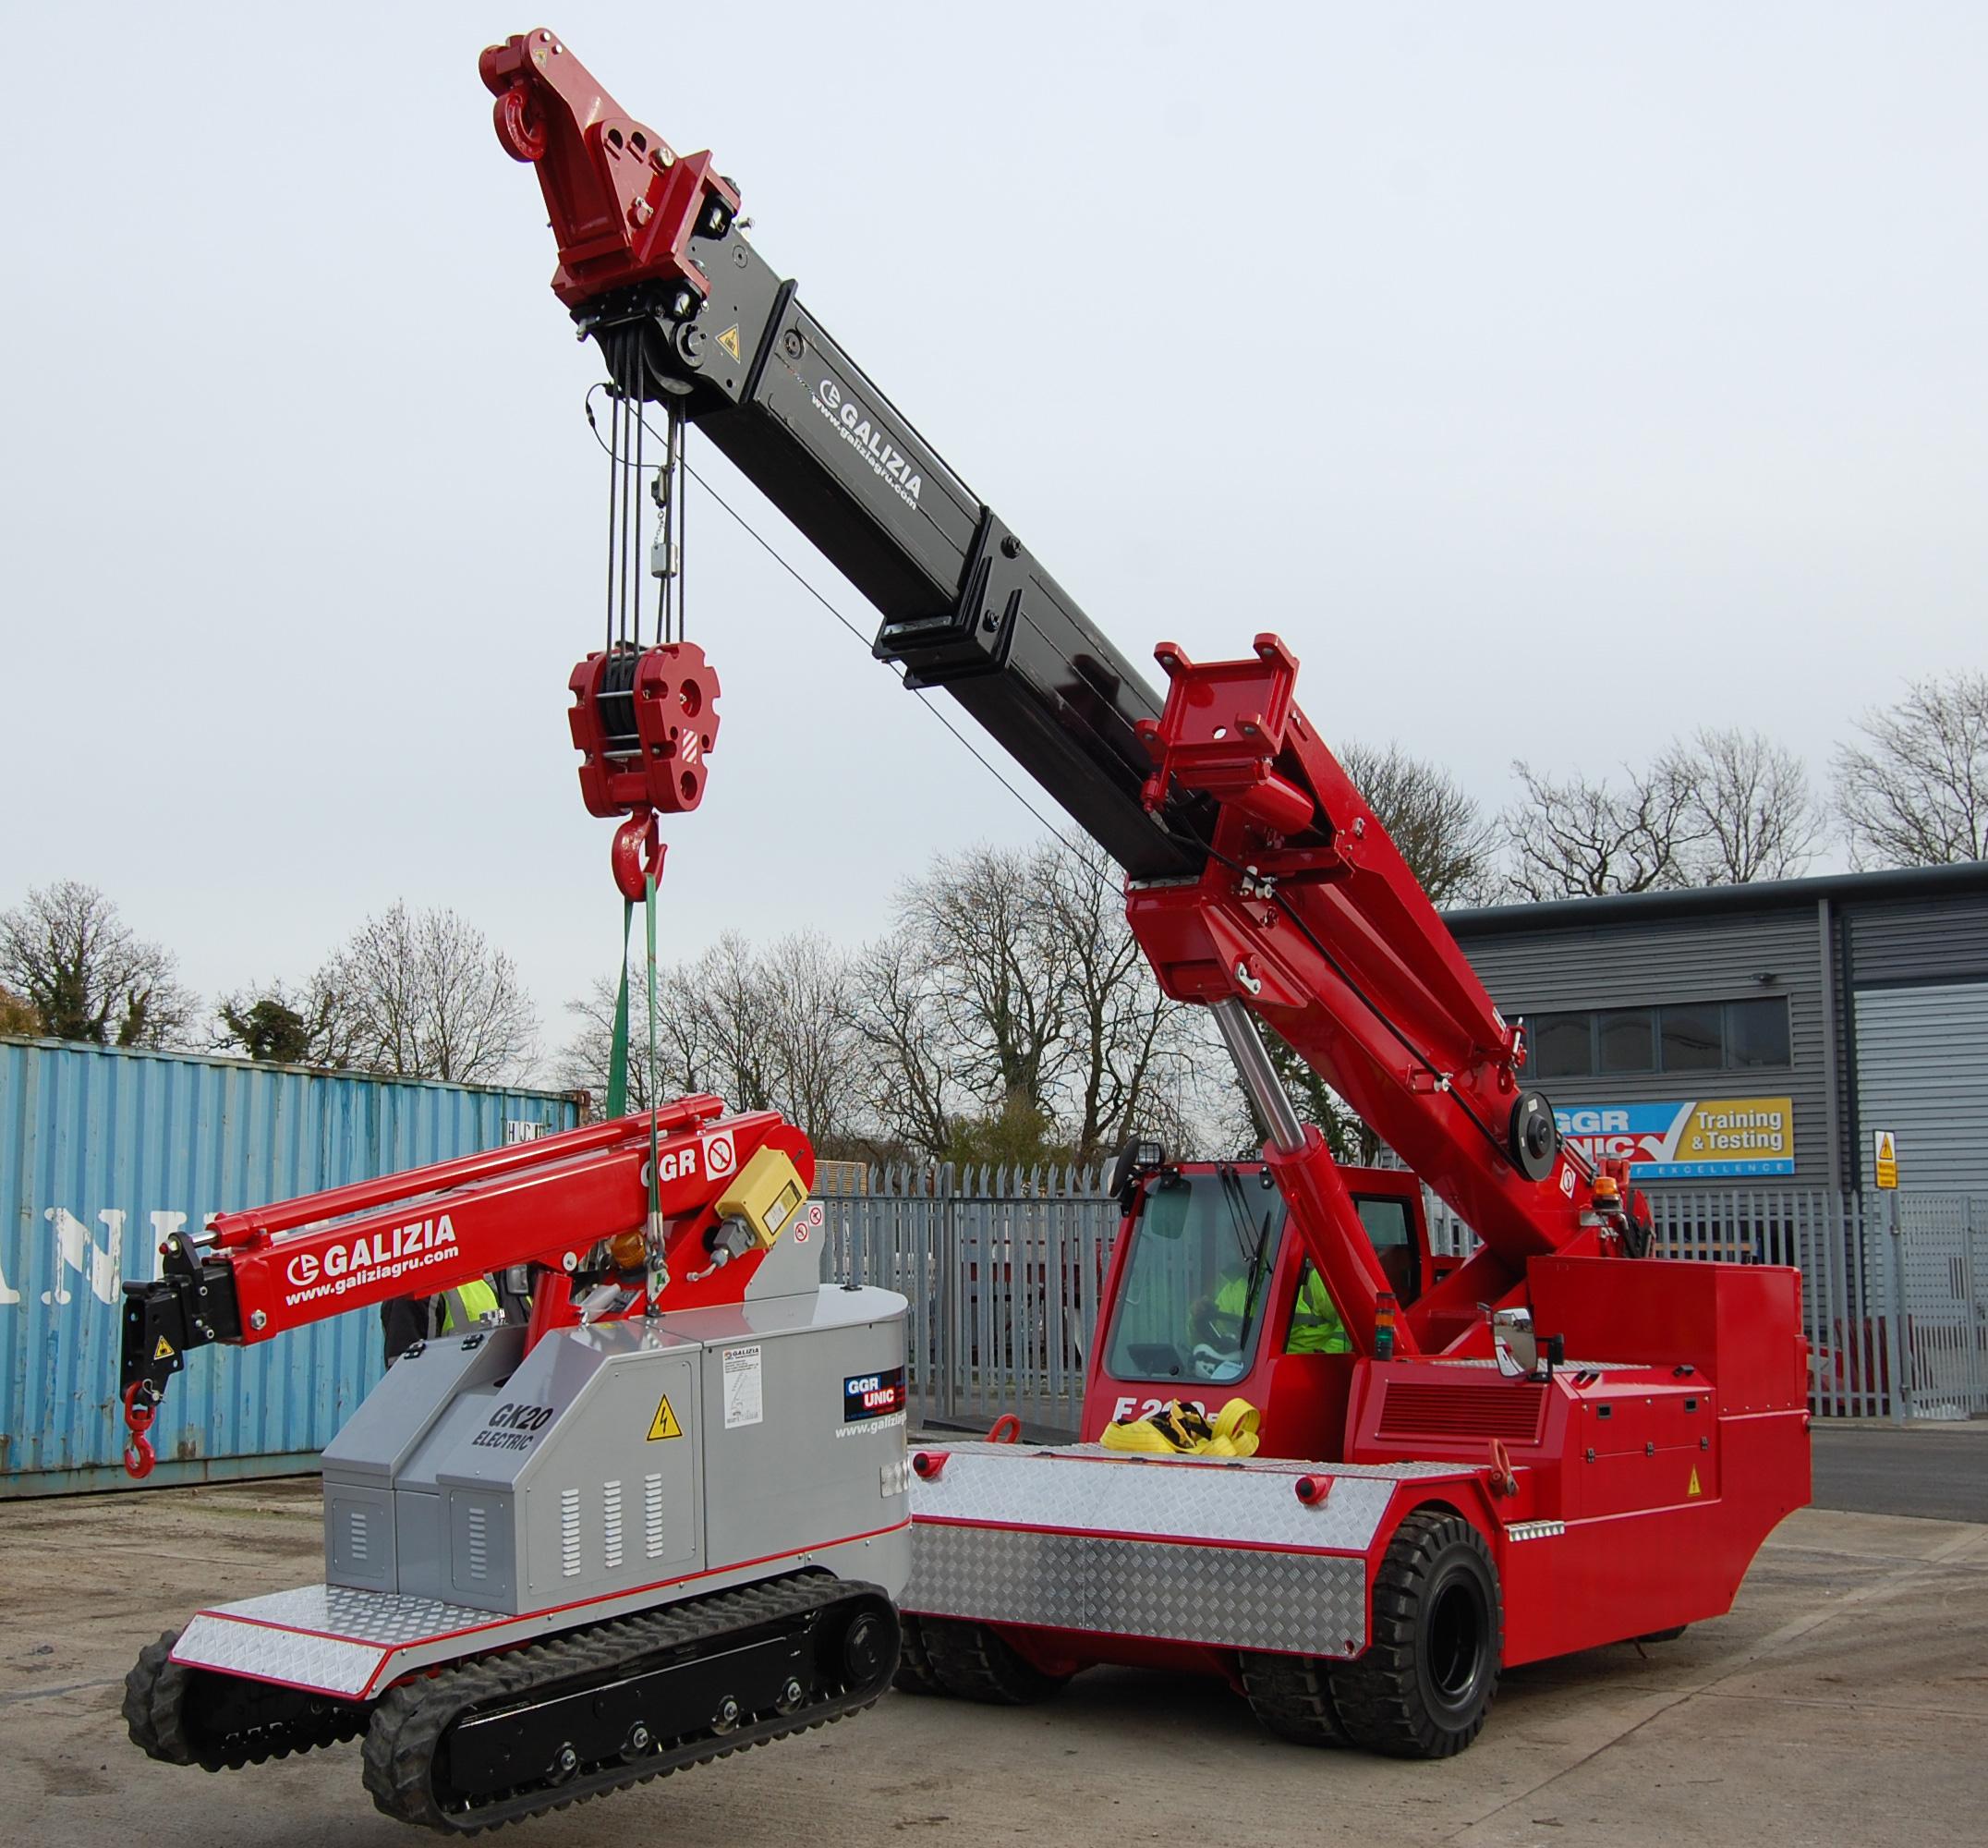 F200E Plus crane lifting a GK20 crane